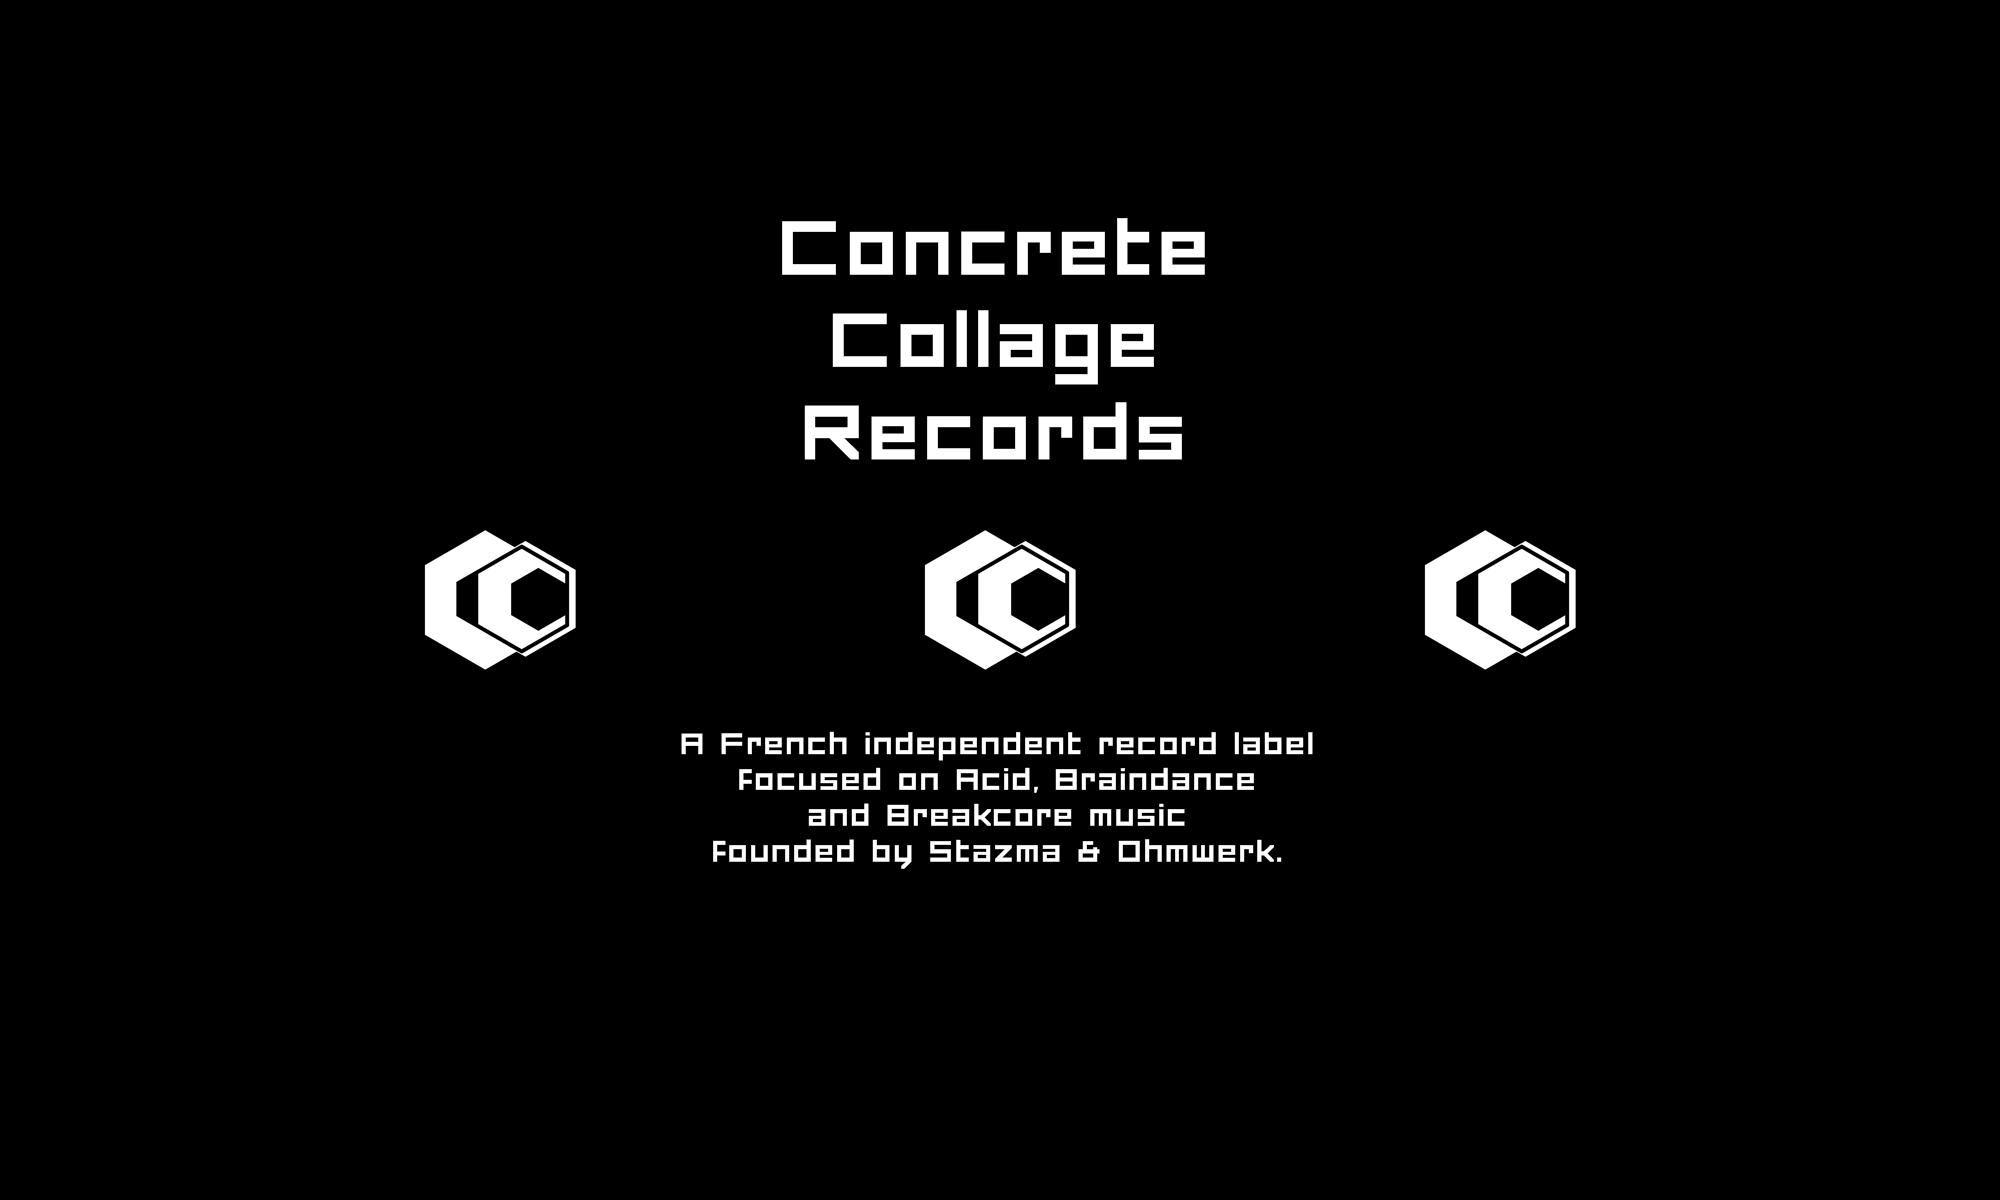 Concrete Collage Records